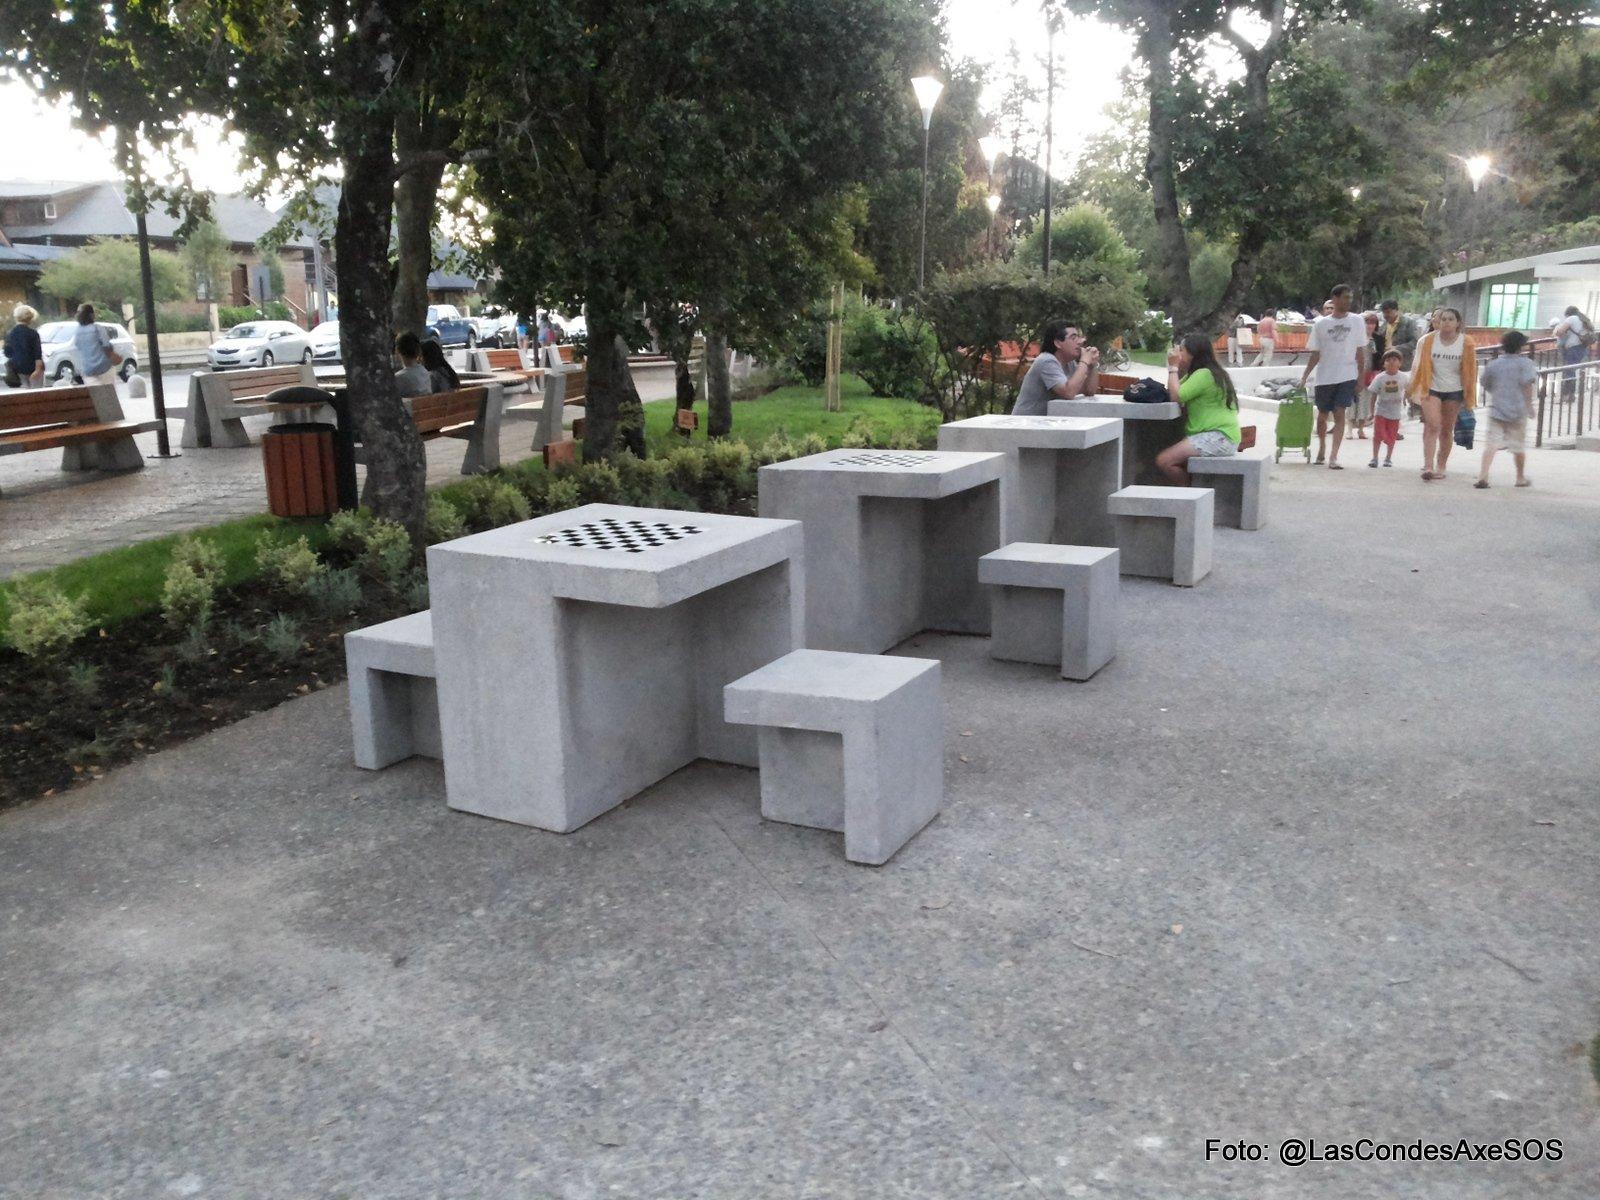 Juego de damas o ajedrez inaccesibles para personas en silla de ruedas Pucon